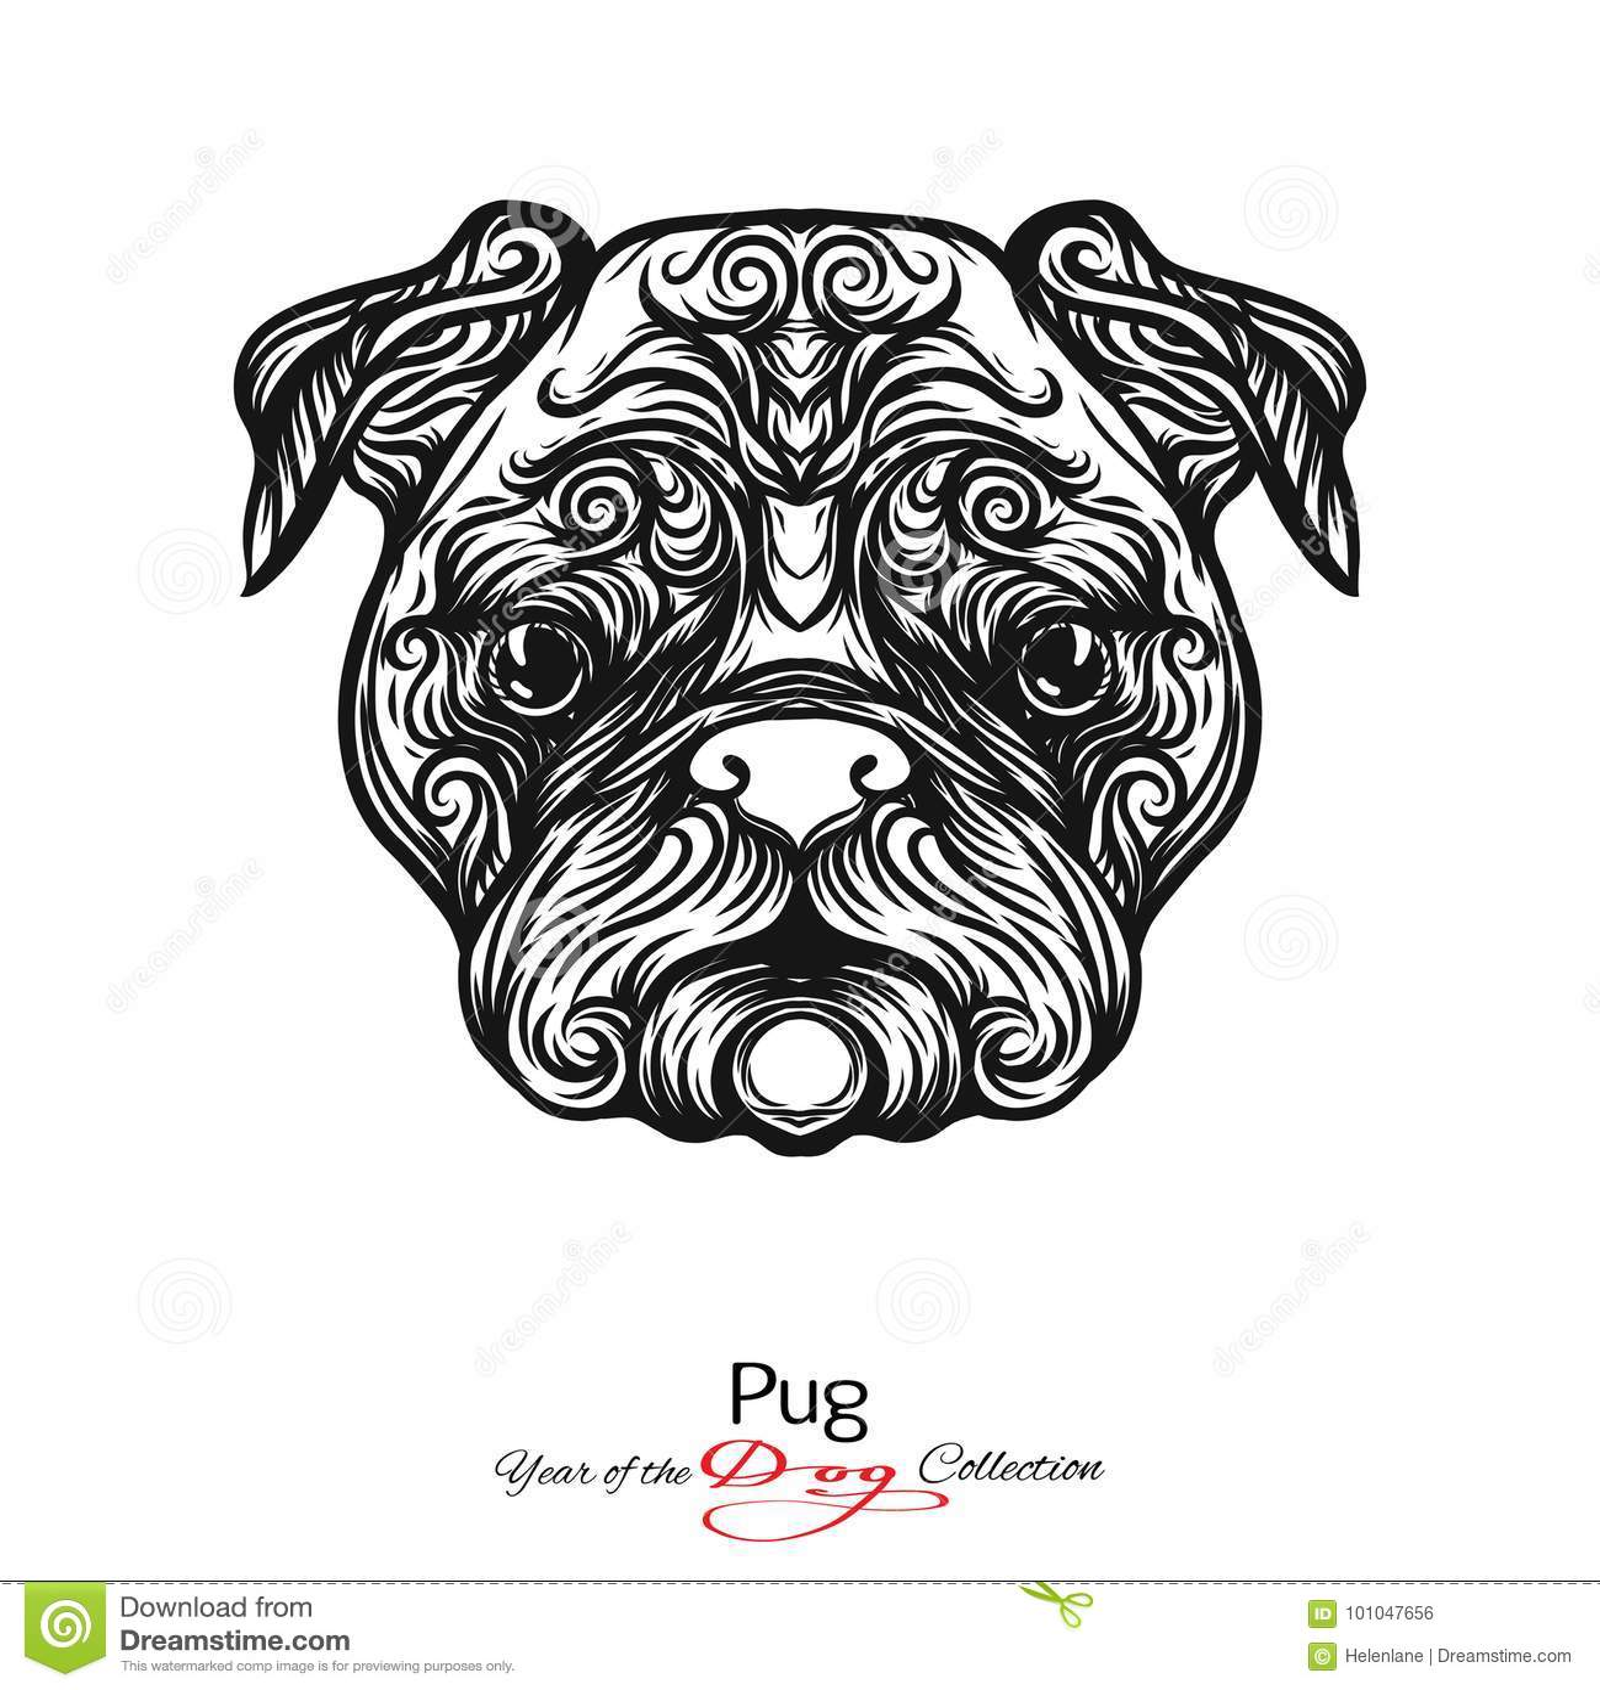 Disegno Cane Bianco E Nero.Pug Disegno Grafico In Bianco E Nero Di Un Cane